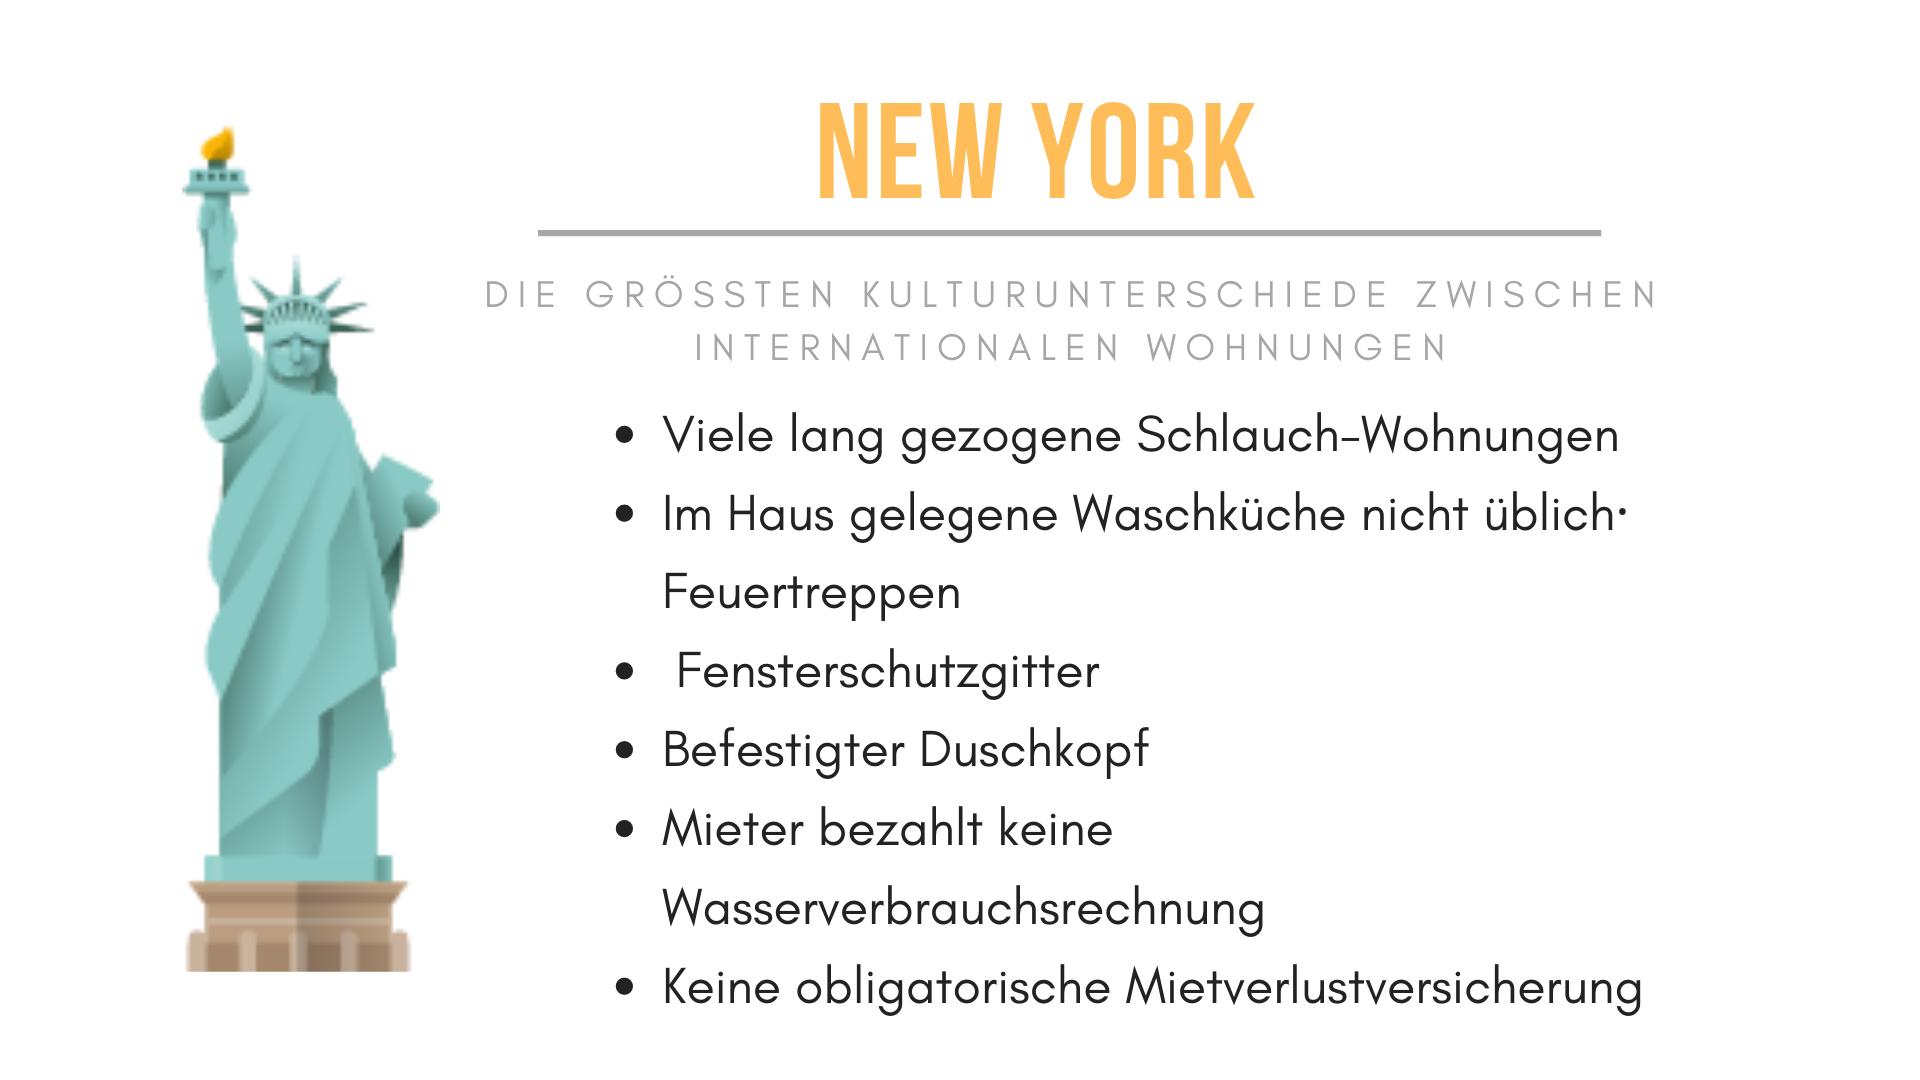 New York Habitat Infografik, die die einzigartigen Merkmale der Mietwohnungen in New York beschreibt.